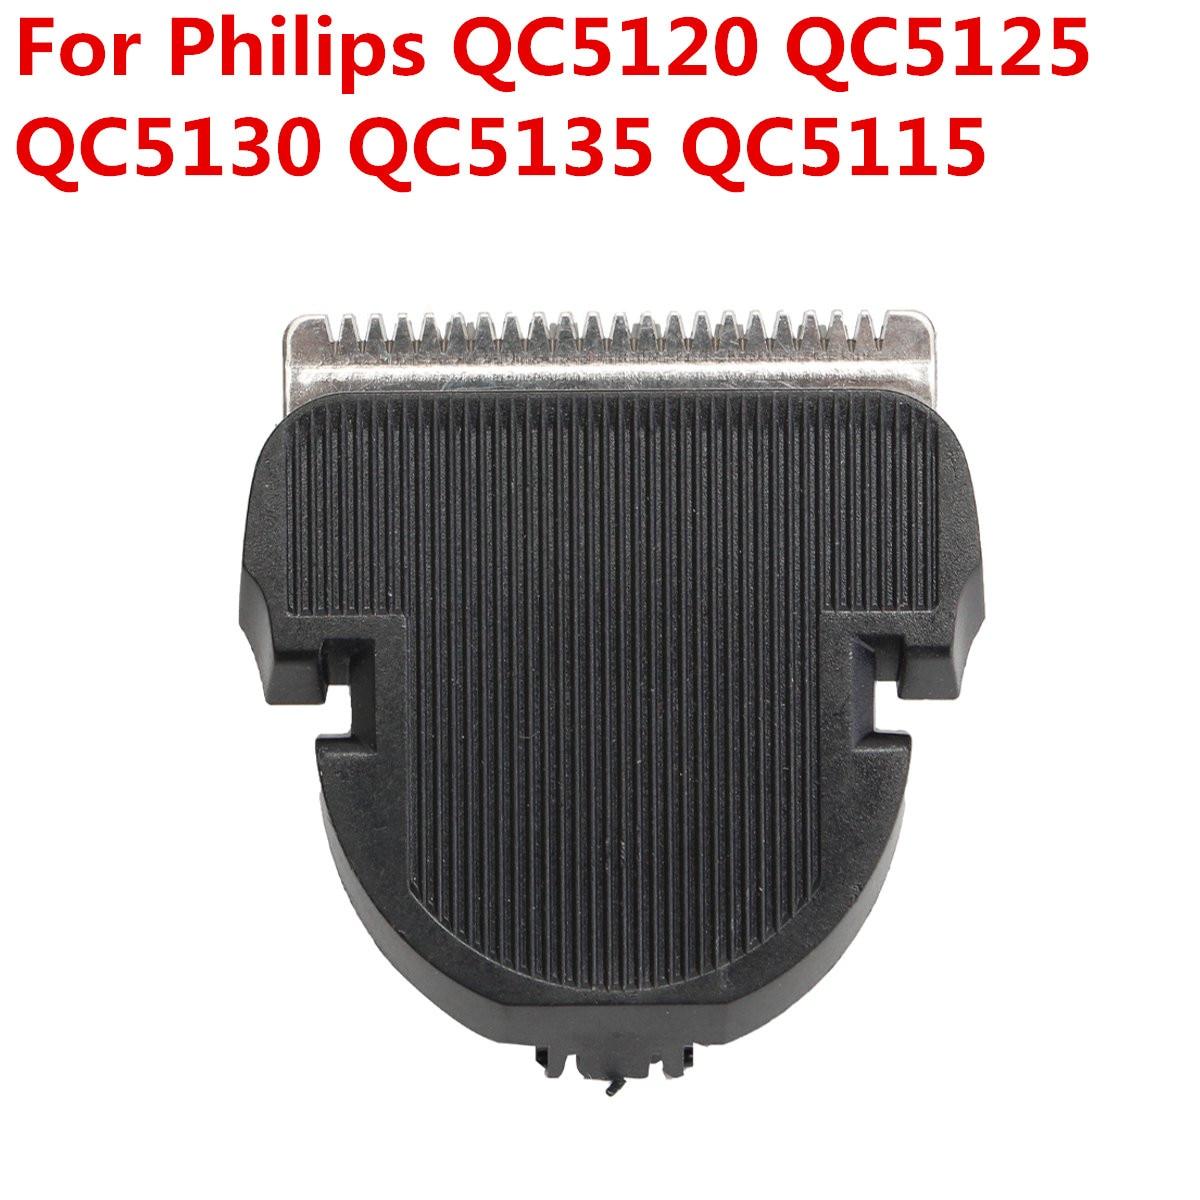 1pc cabeça da tosquiadeira de cabelo substituição para philips comb qc5120 qc5125 qc5130 qc5135 qc5115 cortador de aparador de cabelo elétrico lâmina